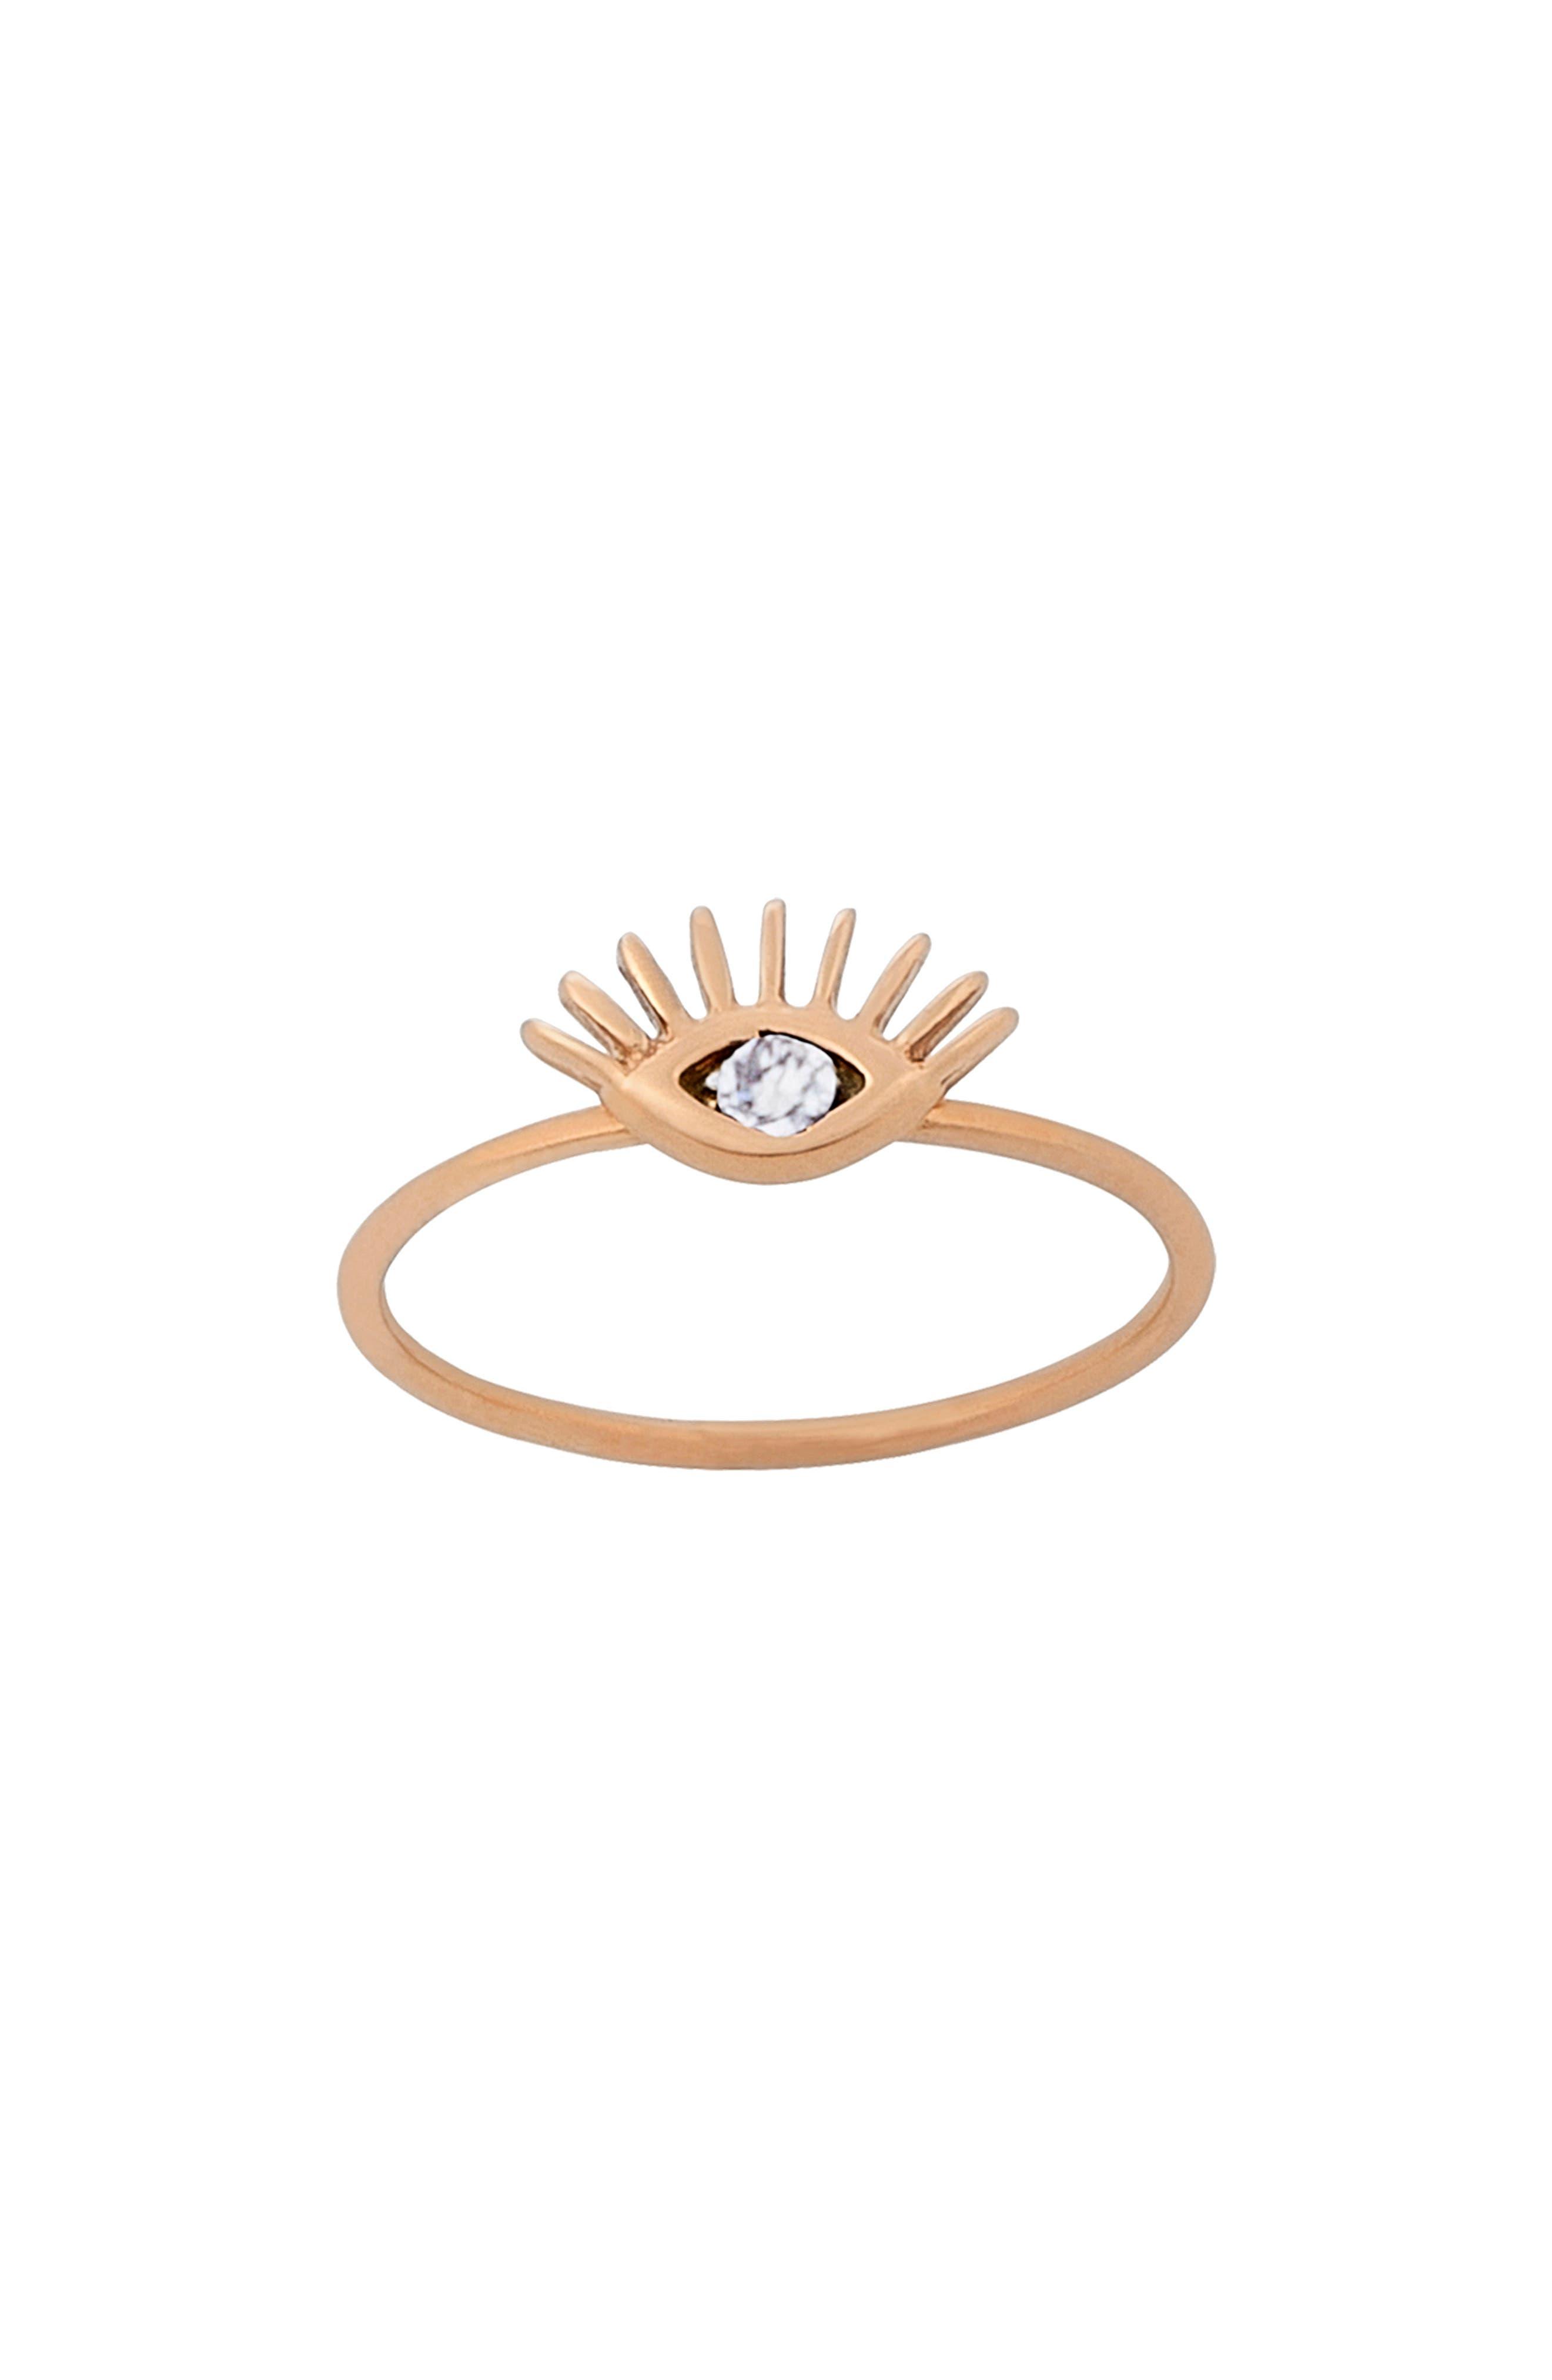 Diamond Evil Eye Ring,                             Main thumbnail 1, color,                             ROSE GOLD